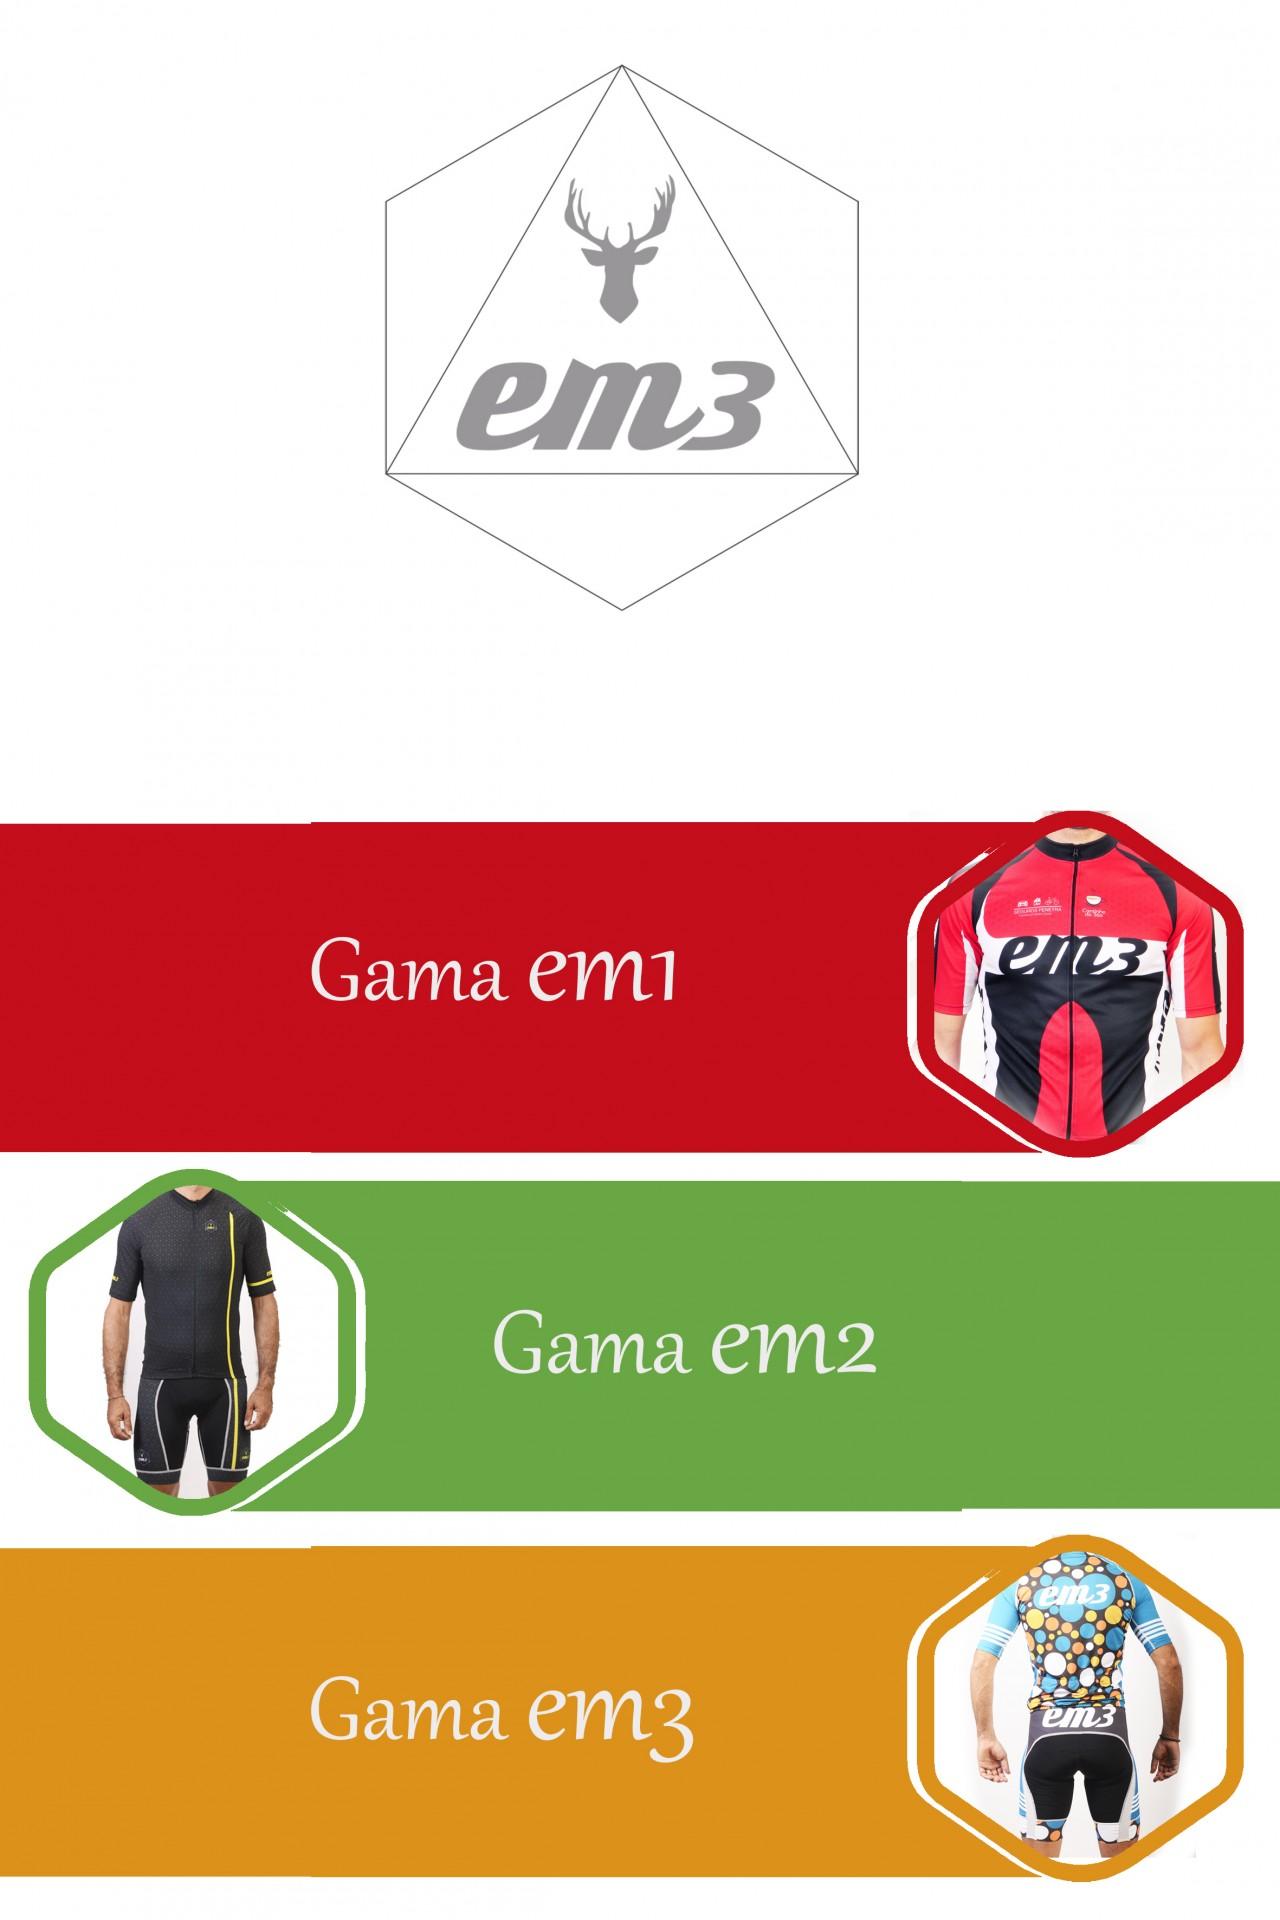 Gamas EM3 para Equipas